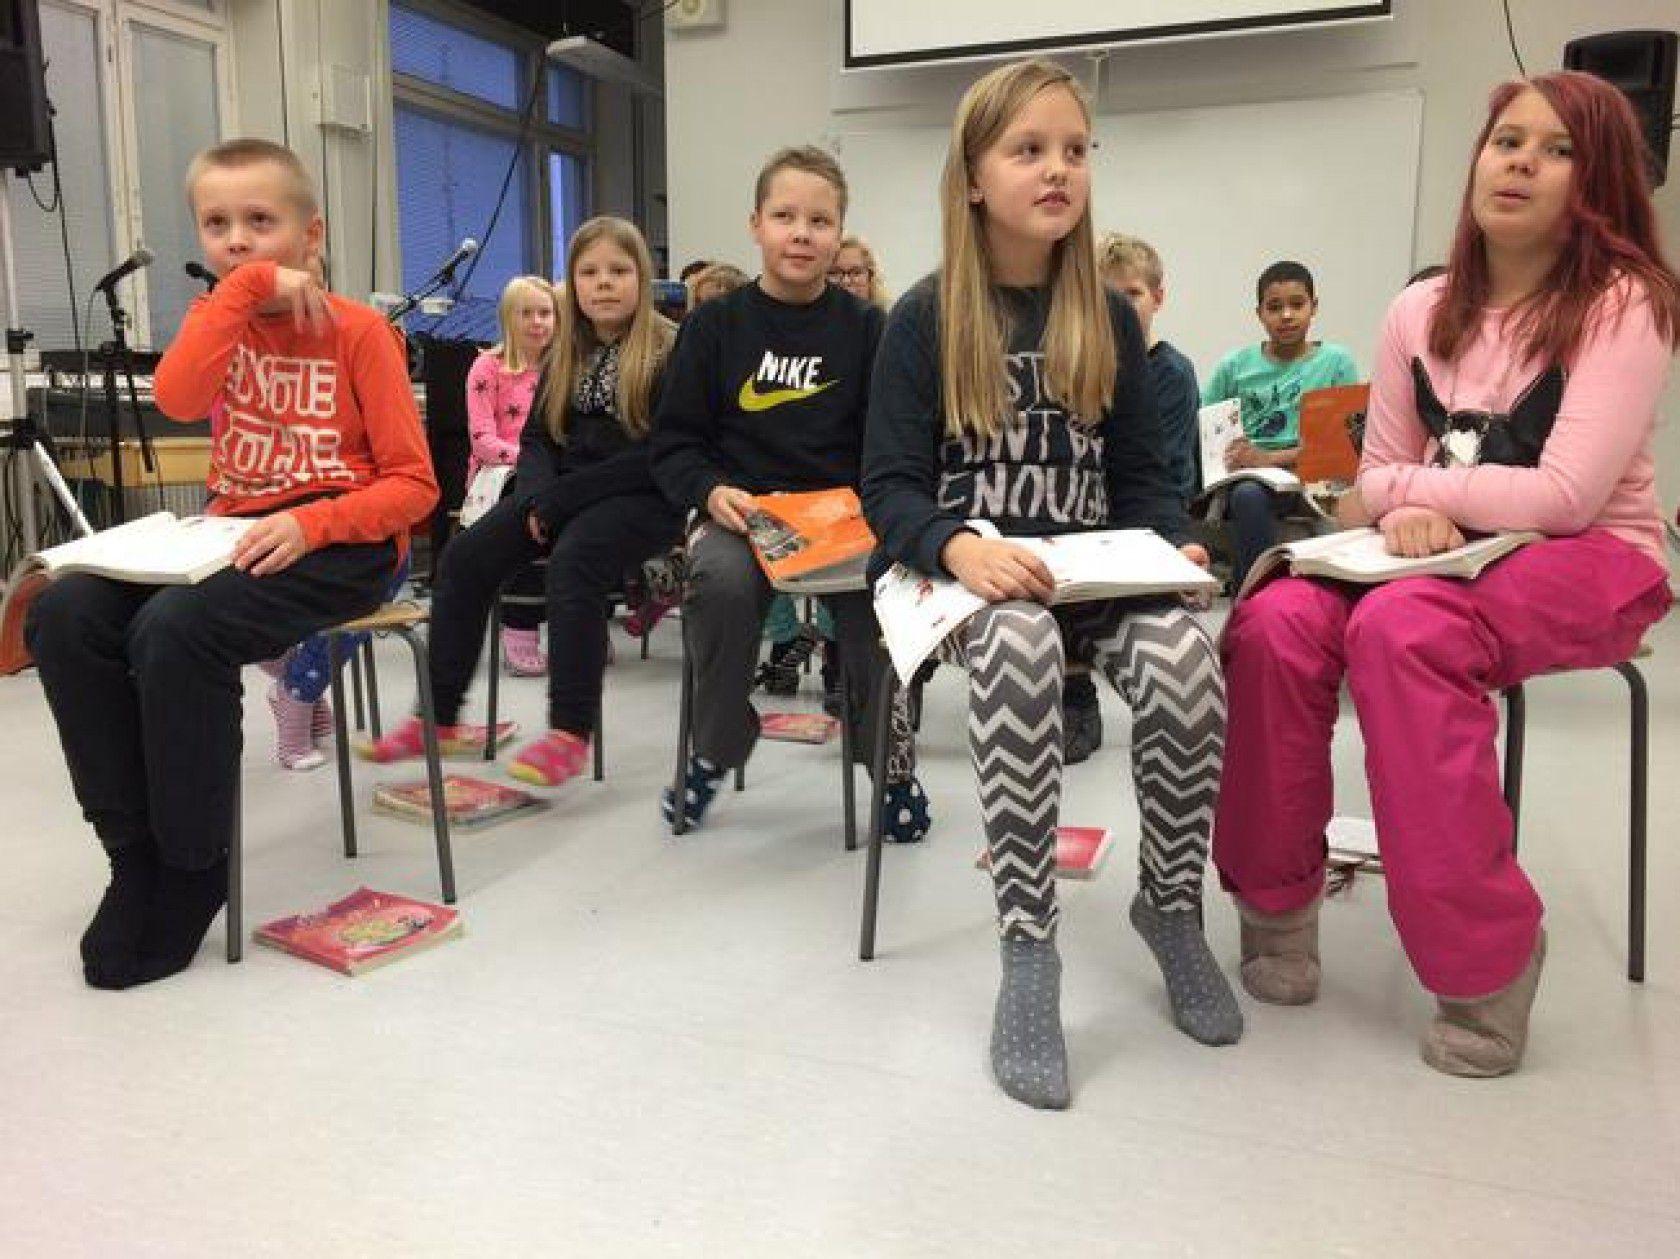 Finlandiya Lise Eğitimi SSAT Sınavı Başvurusu Koşulları Nelerdir?